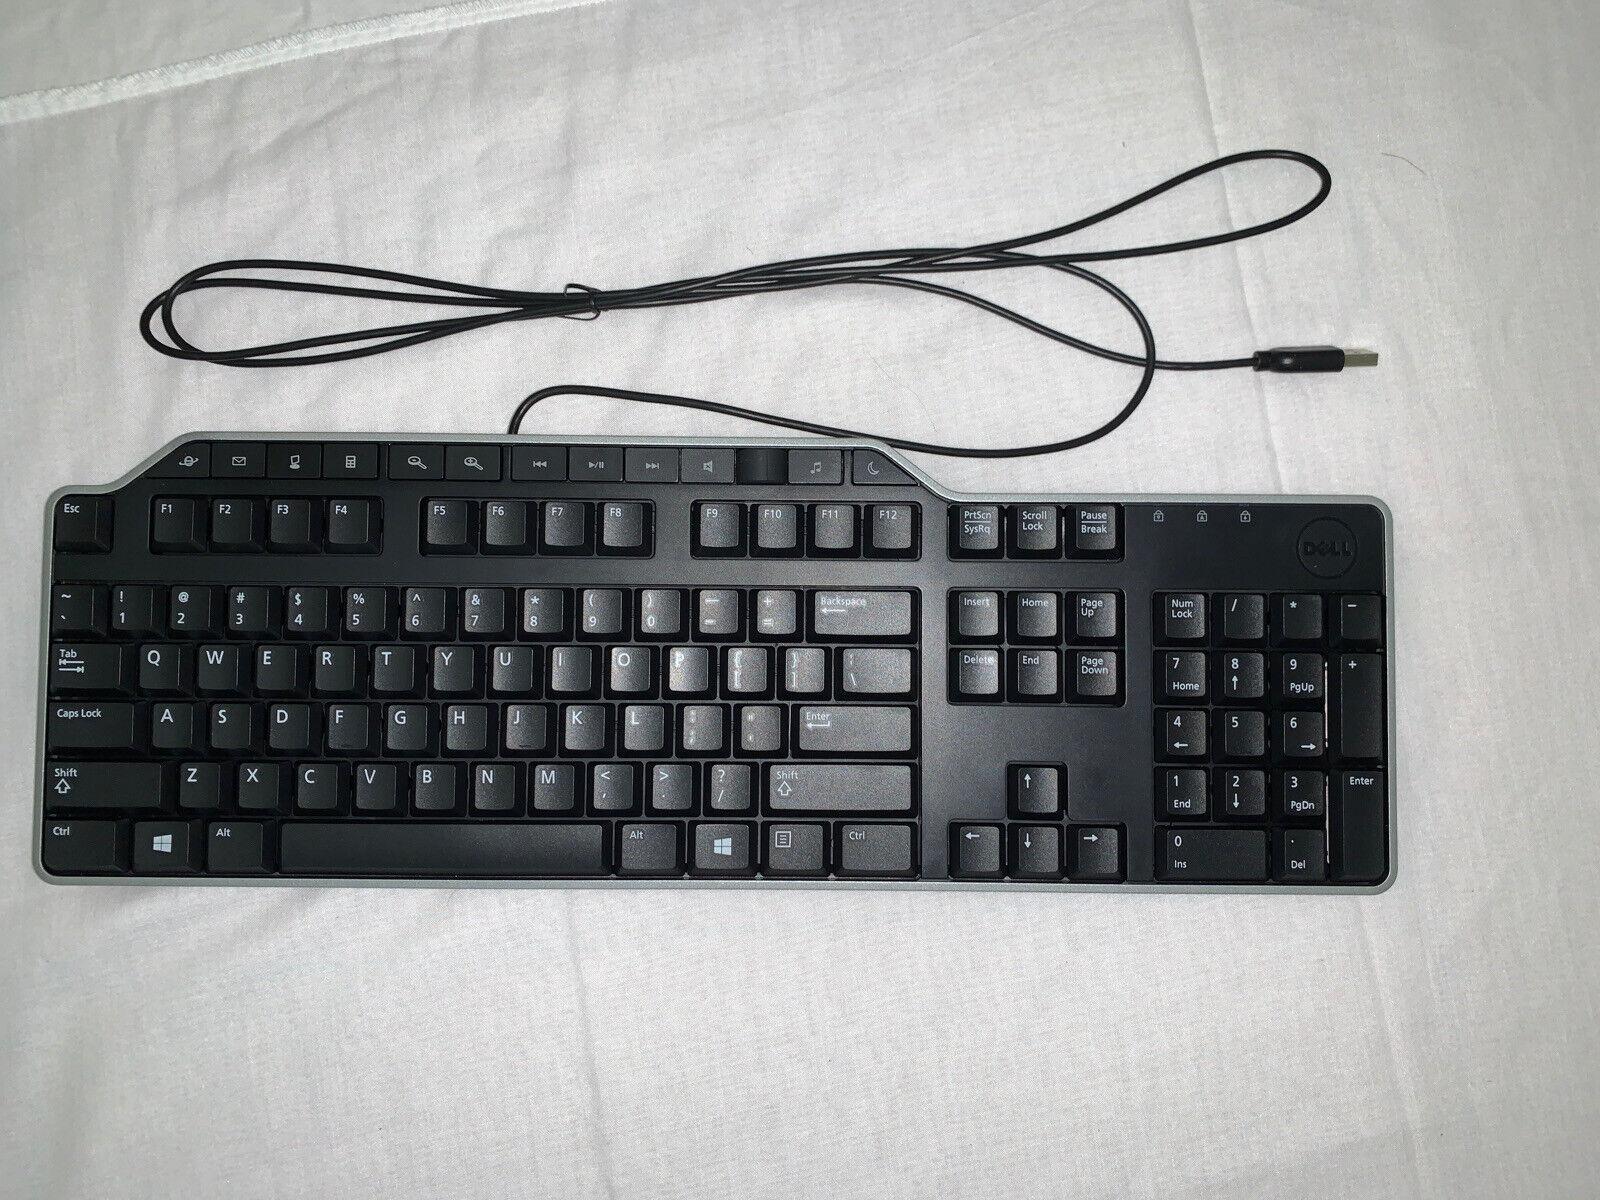 Dell Multimedia Desktop USB Wired Keyboard w/ Multi Media Controls. Buy it now for 32.17